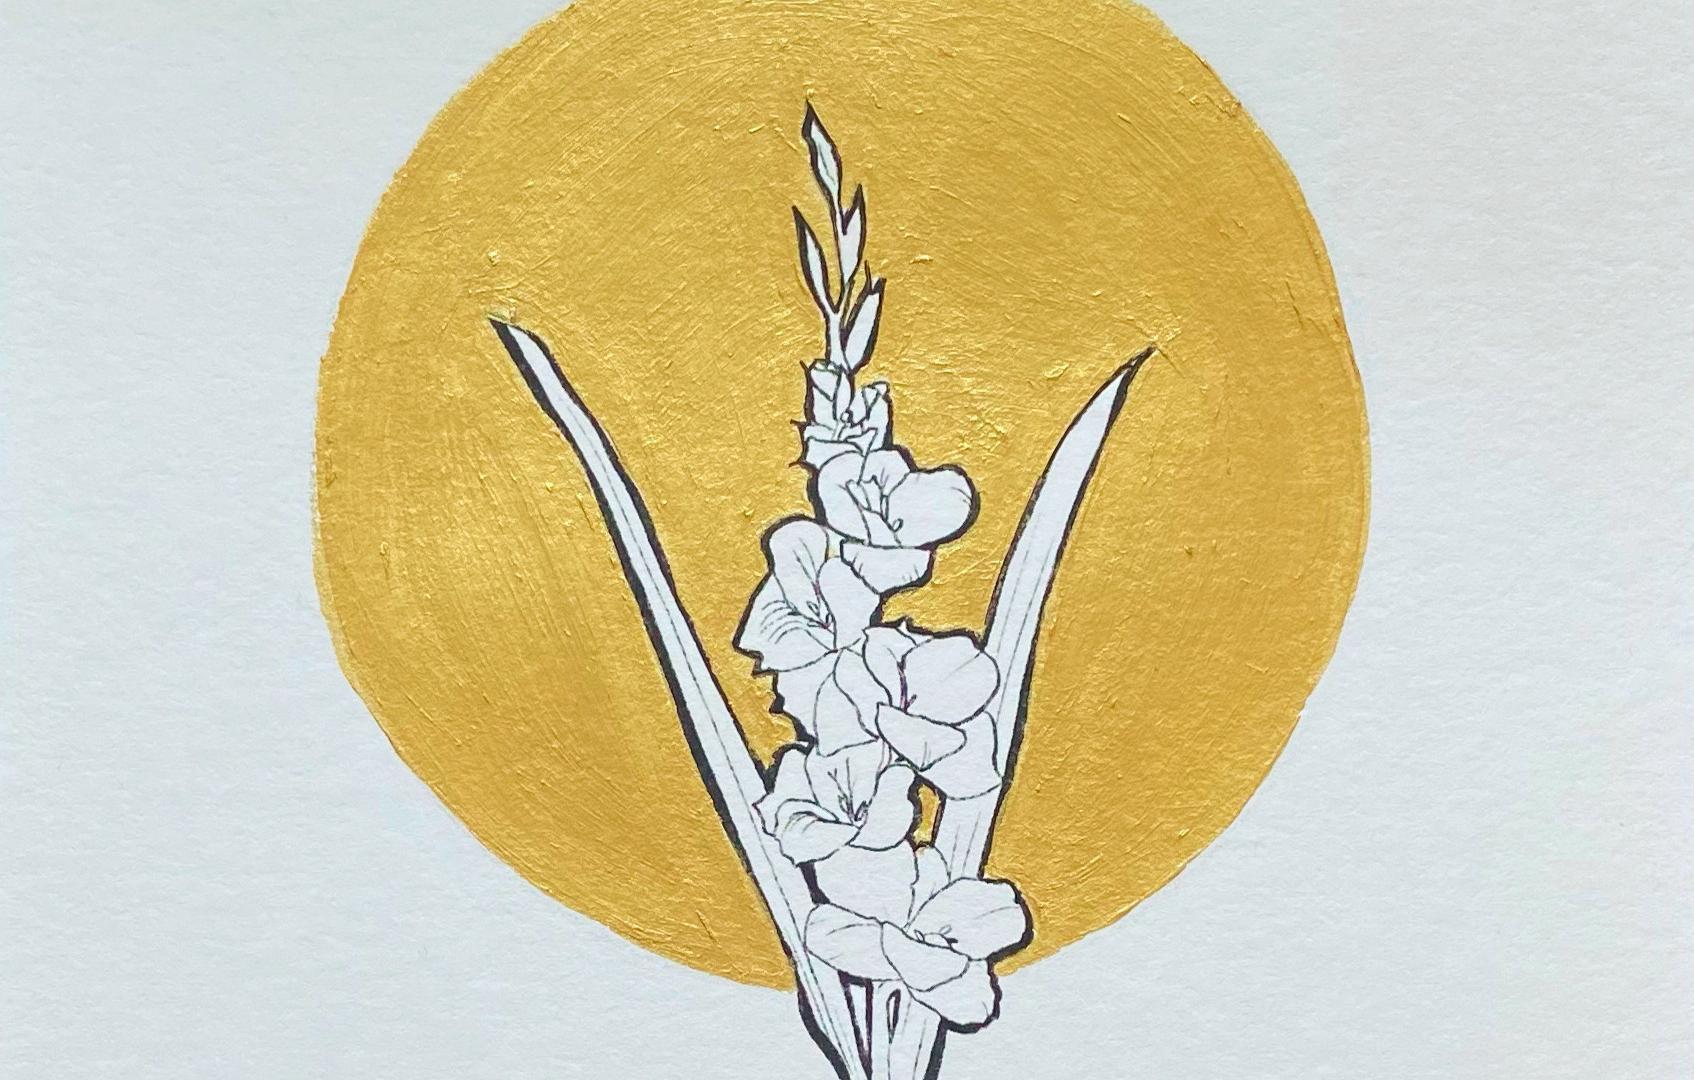 Geboortebloem Augustus - Gladiool door C